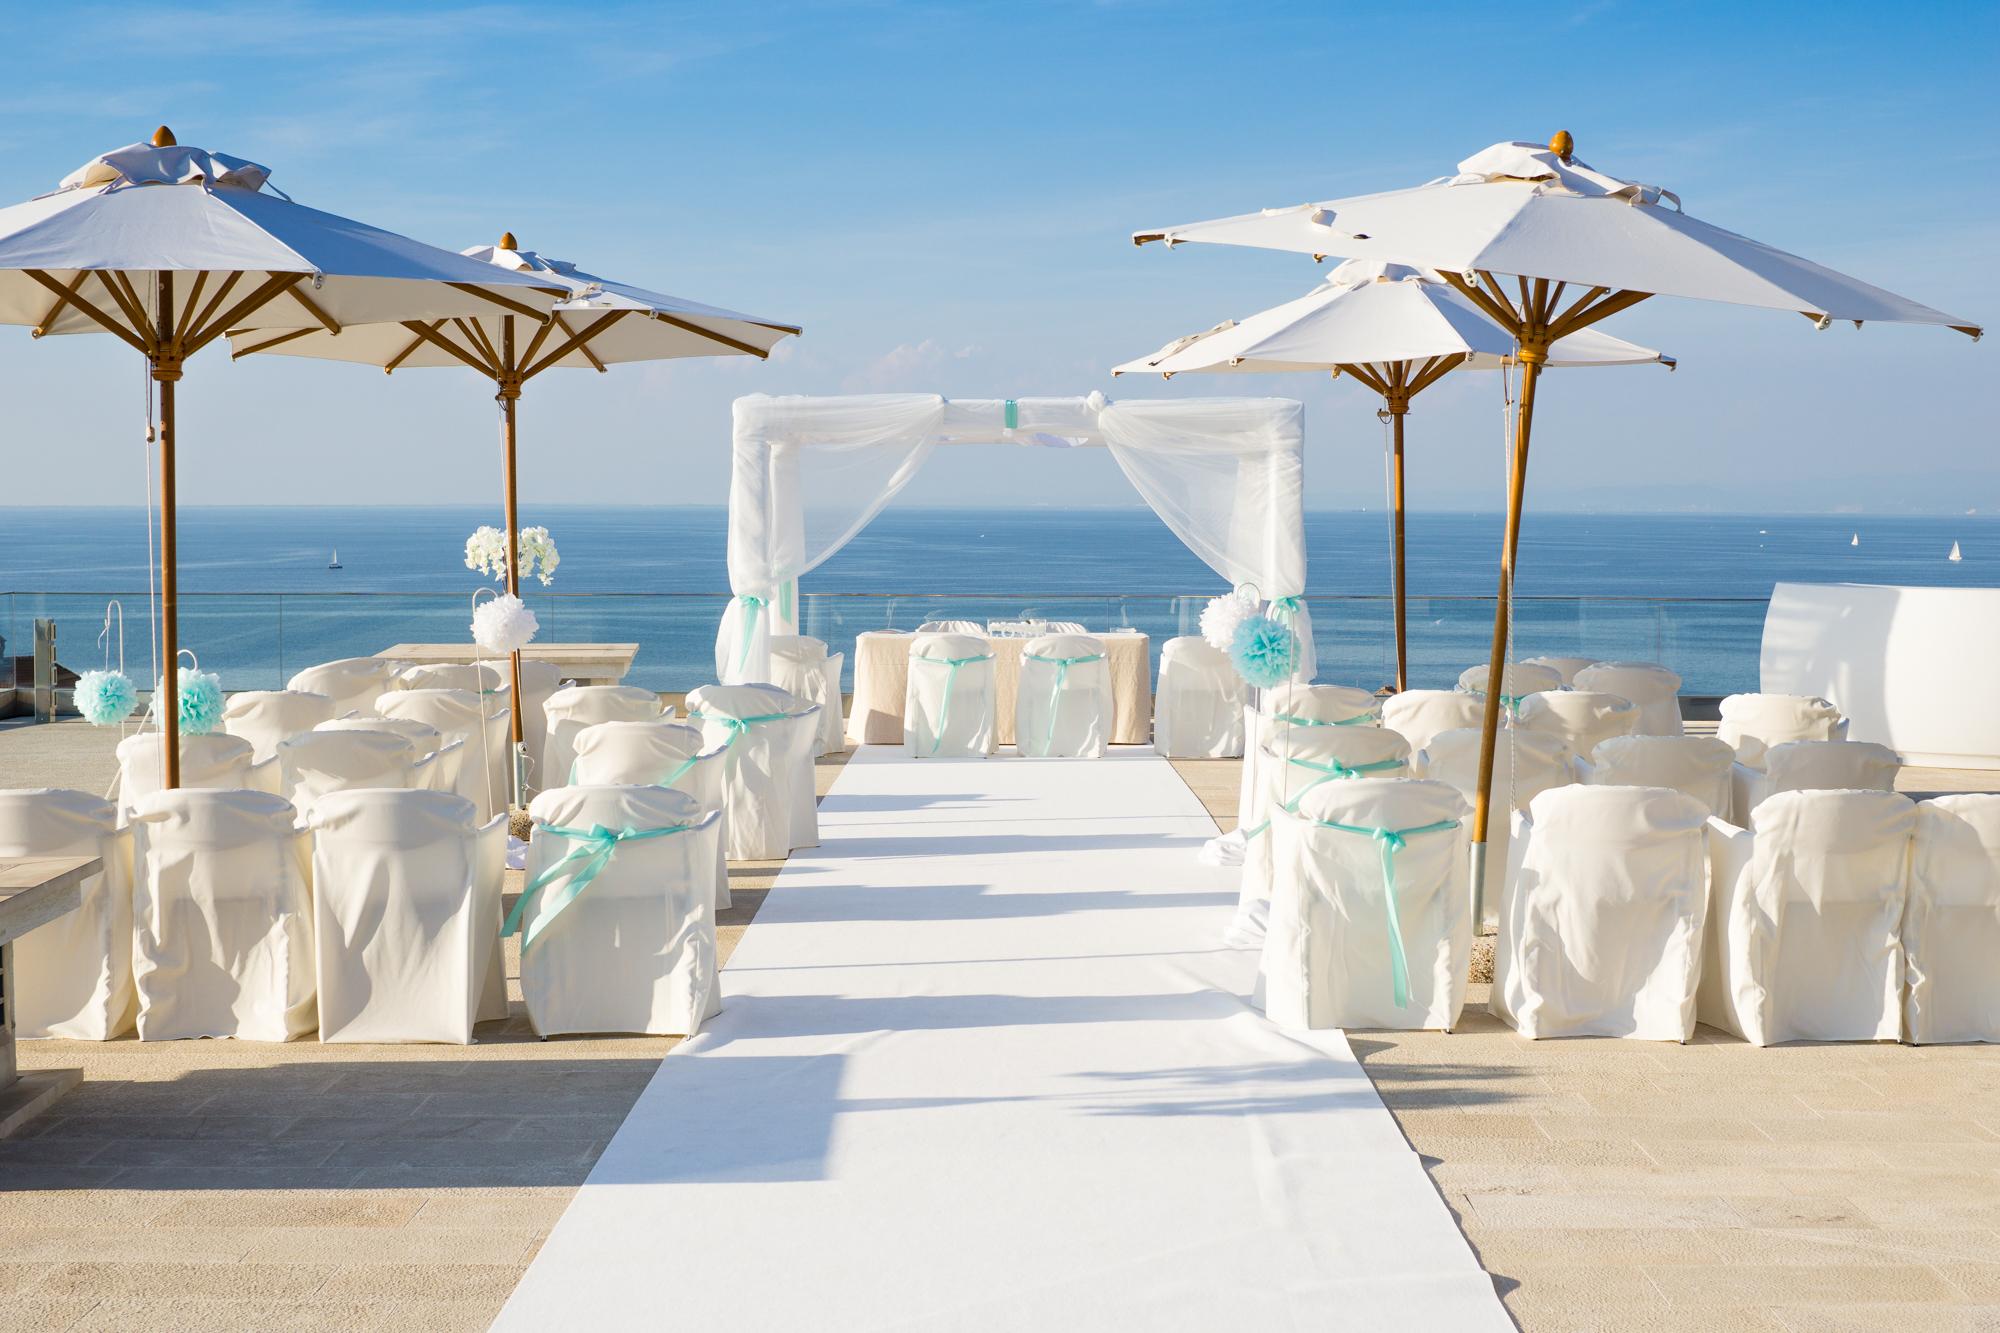 Heiraten im wunderschnen Kroatien  wenn sich der Traum von der Hochzeit am Strand tatschlich